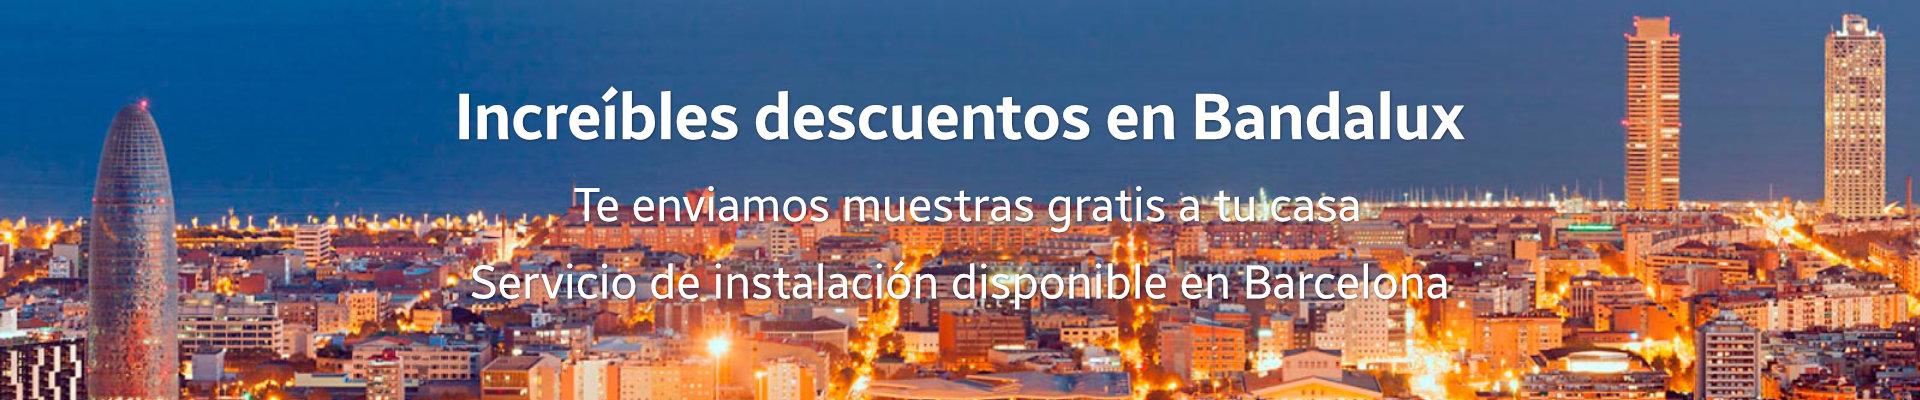 Grandes descuentos en Bandalux para Barcelona